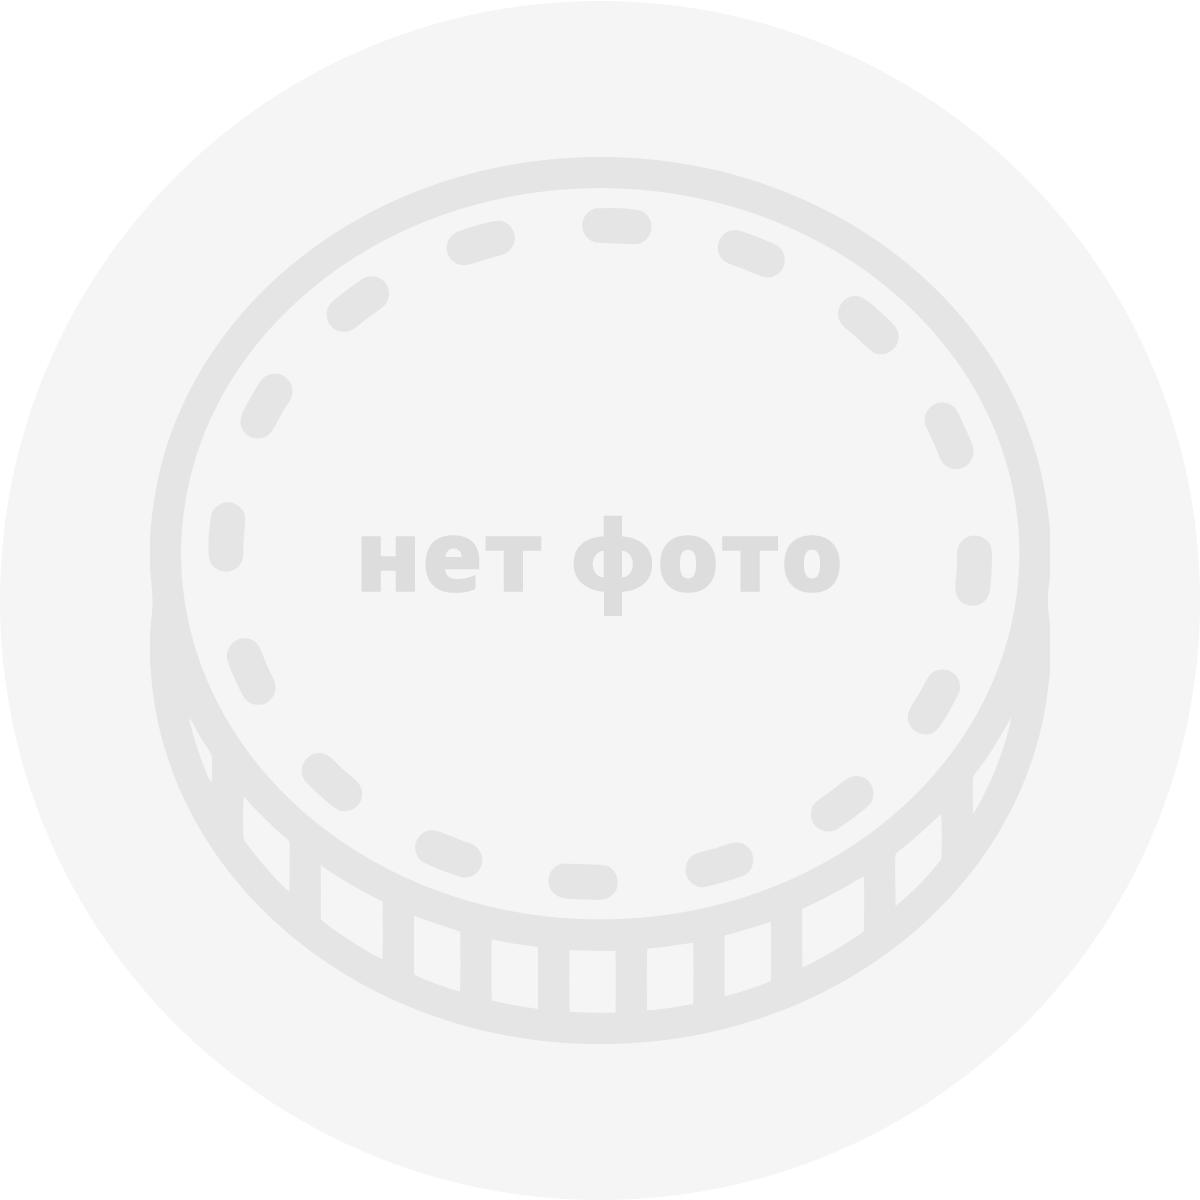 Жетоны, Жетон (2016 г.)